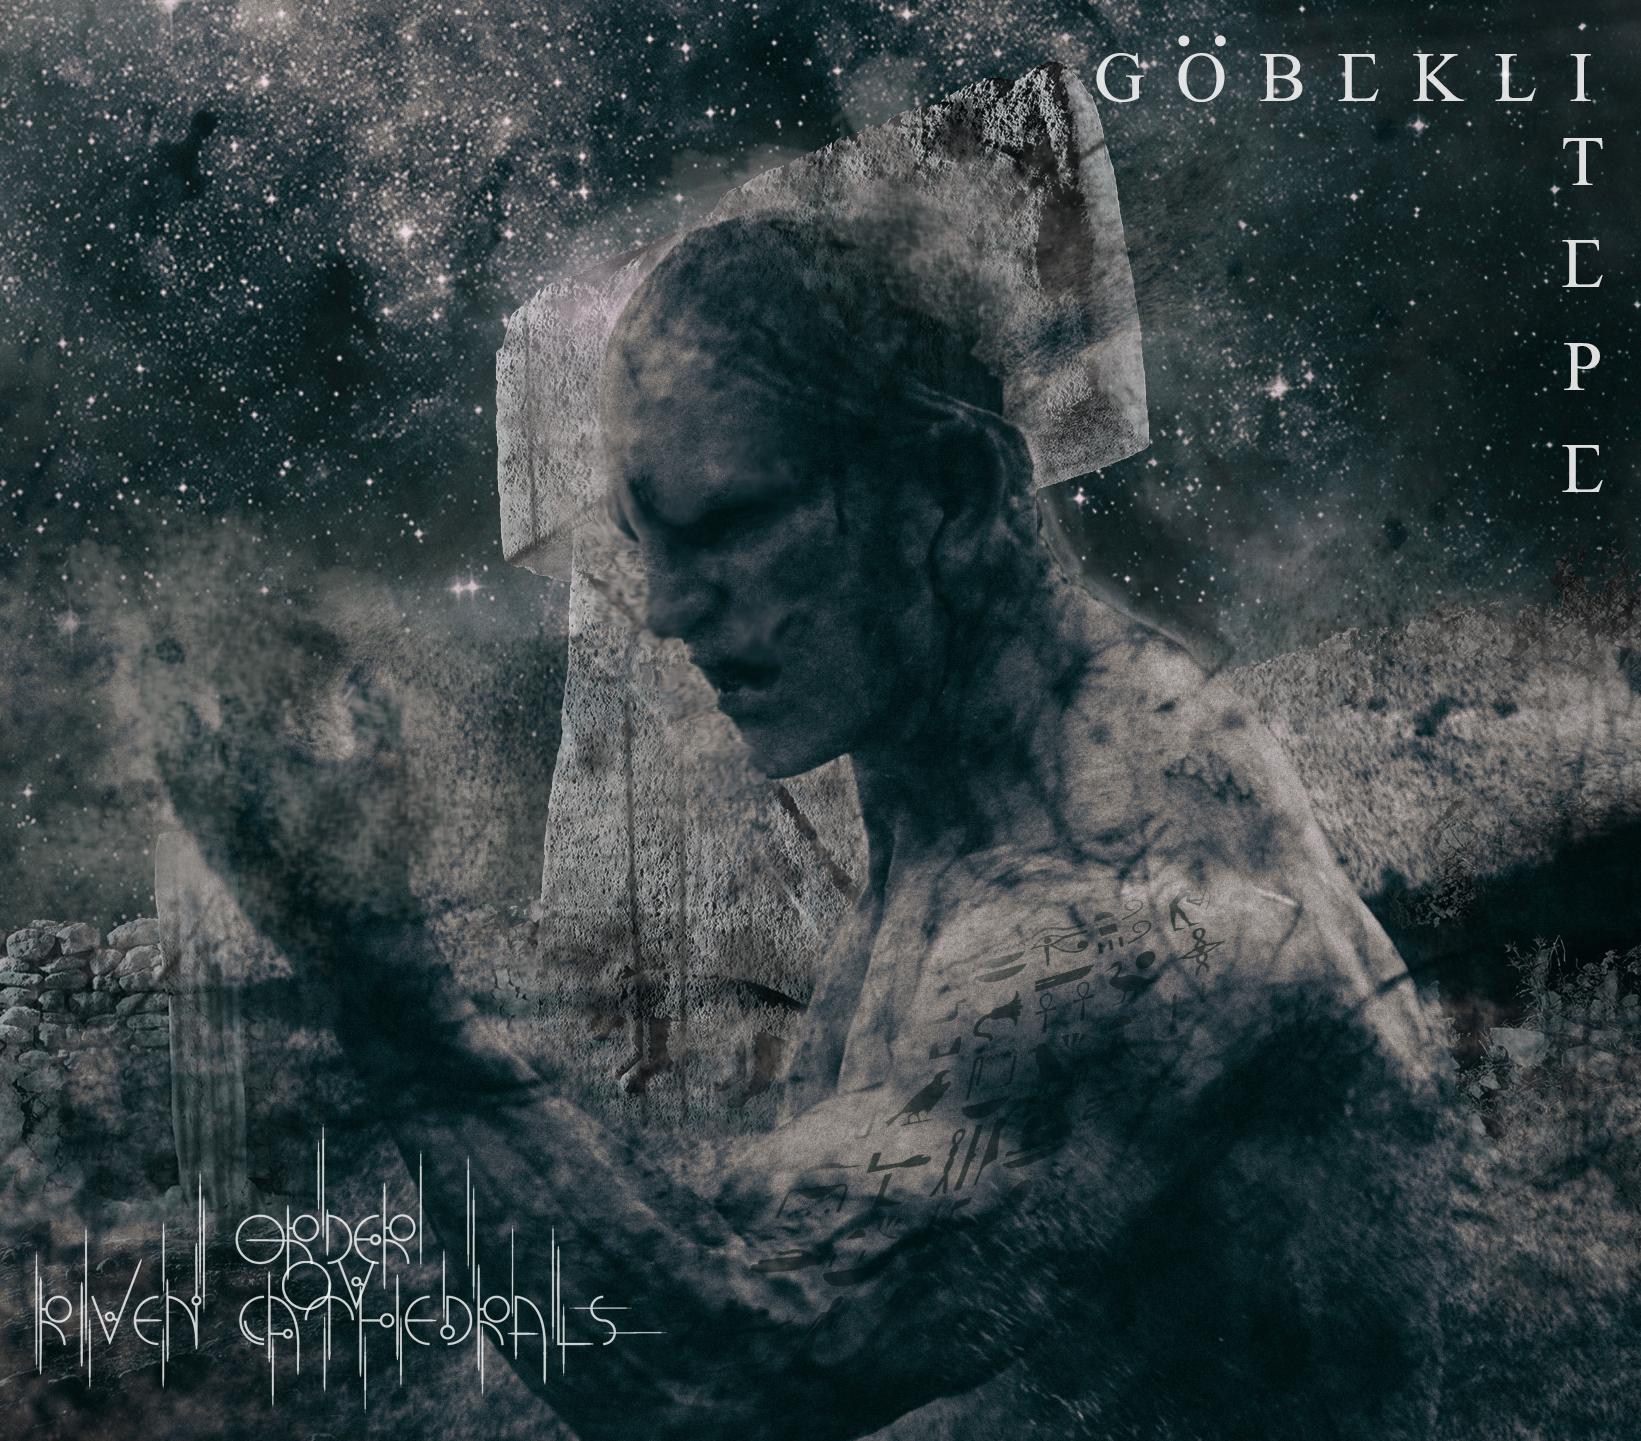 ORDER OV RIVEN CATHEDRALS – Göbekli Tepe